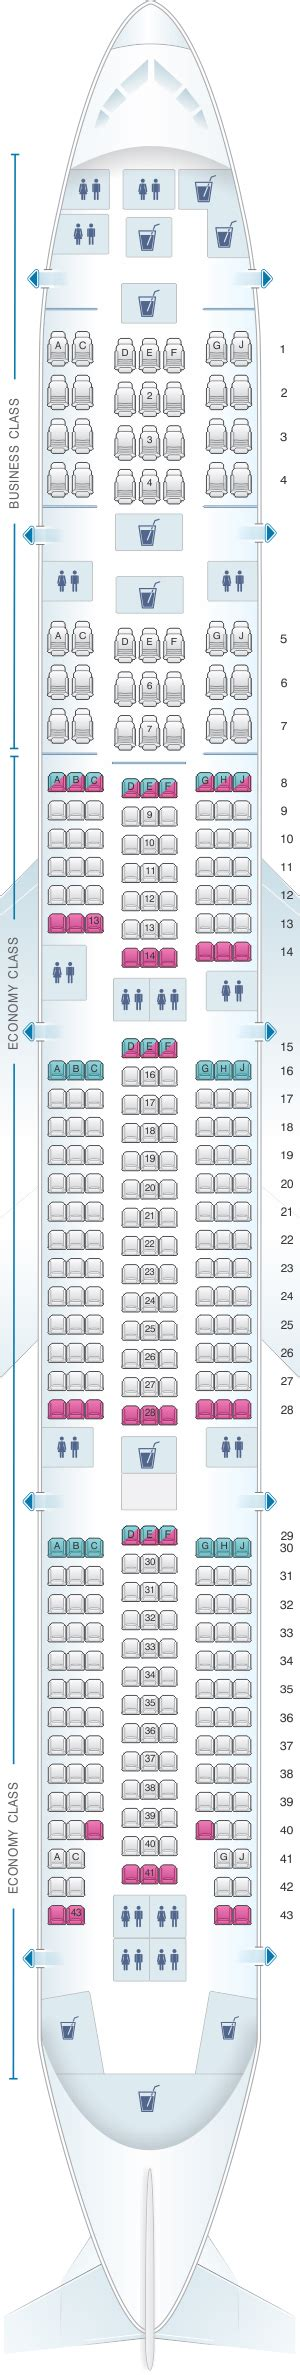 siege boeing 777 plan de cabine egyptair boeing b777 300 seatmaestro fr